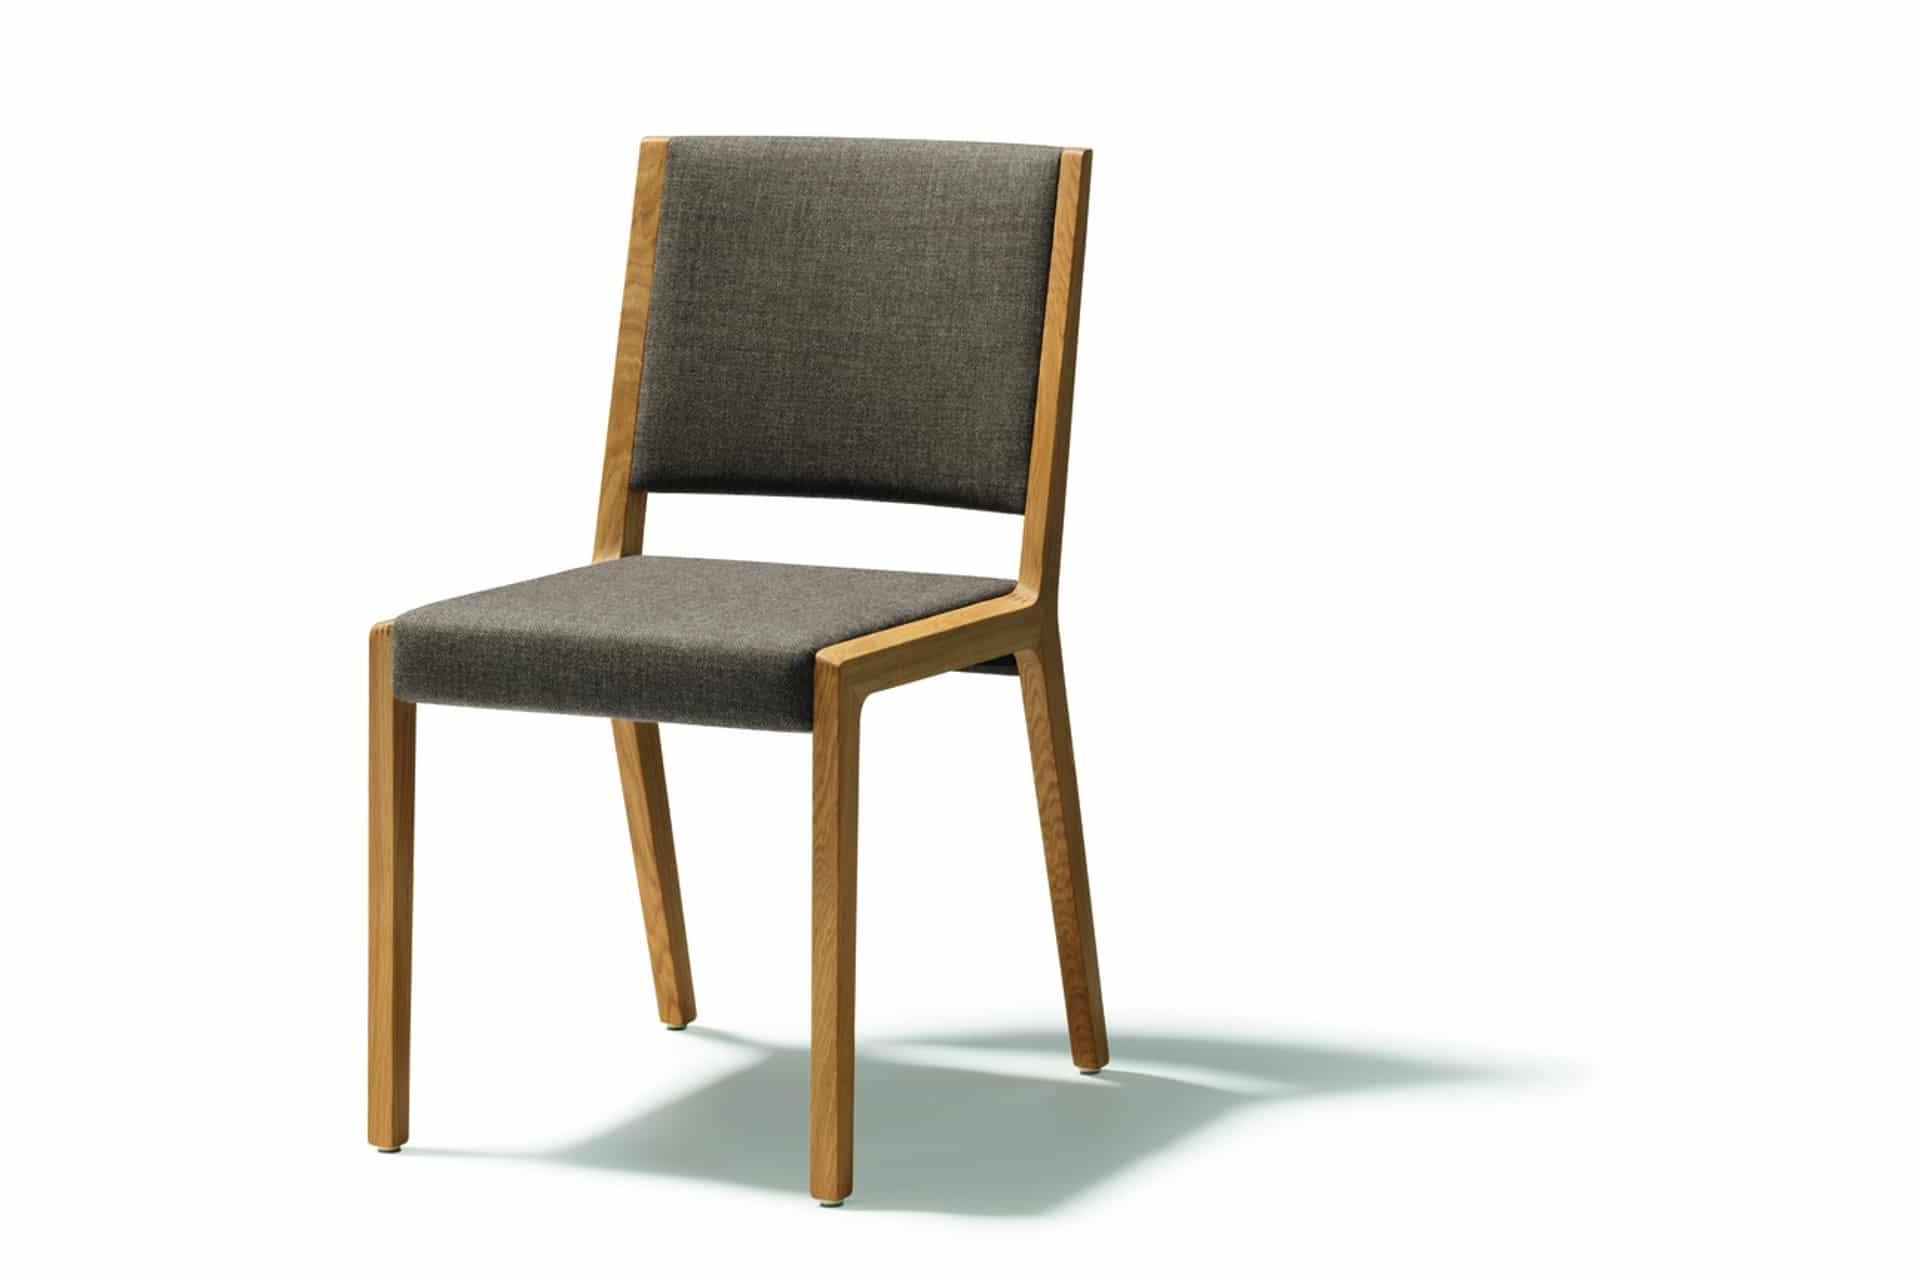 stuhl eviva kohler nat rlich einrichten naturholzm bel team 7 naturm bel massivholzm bel. Black Bedroom Furniture Sets. Home Design Ideas